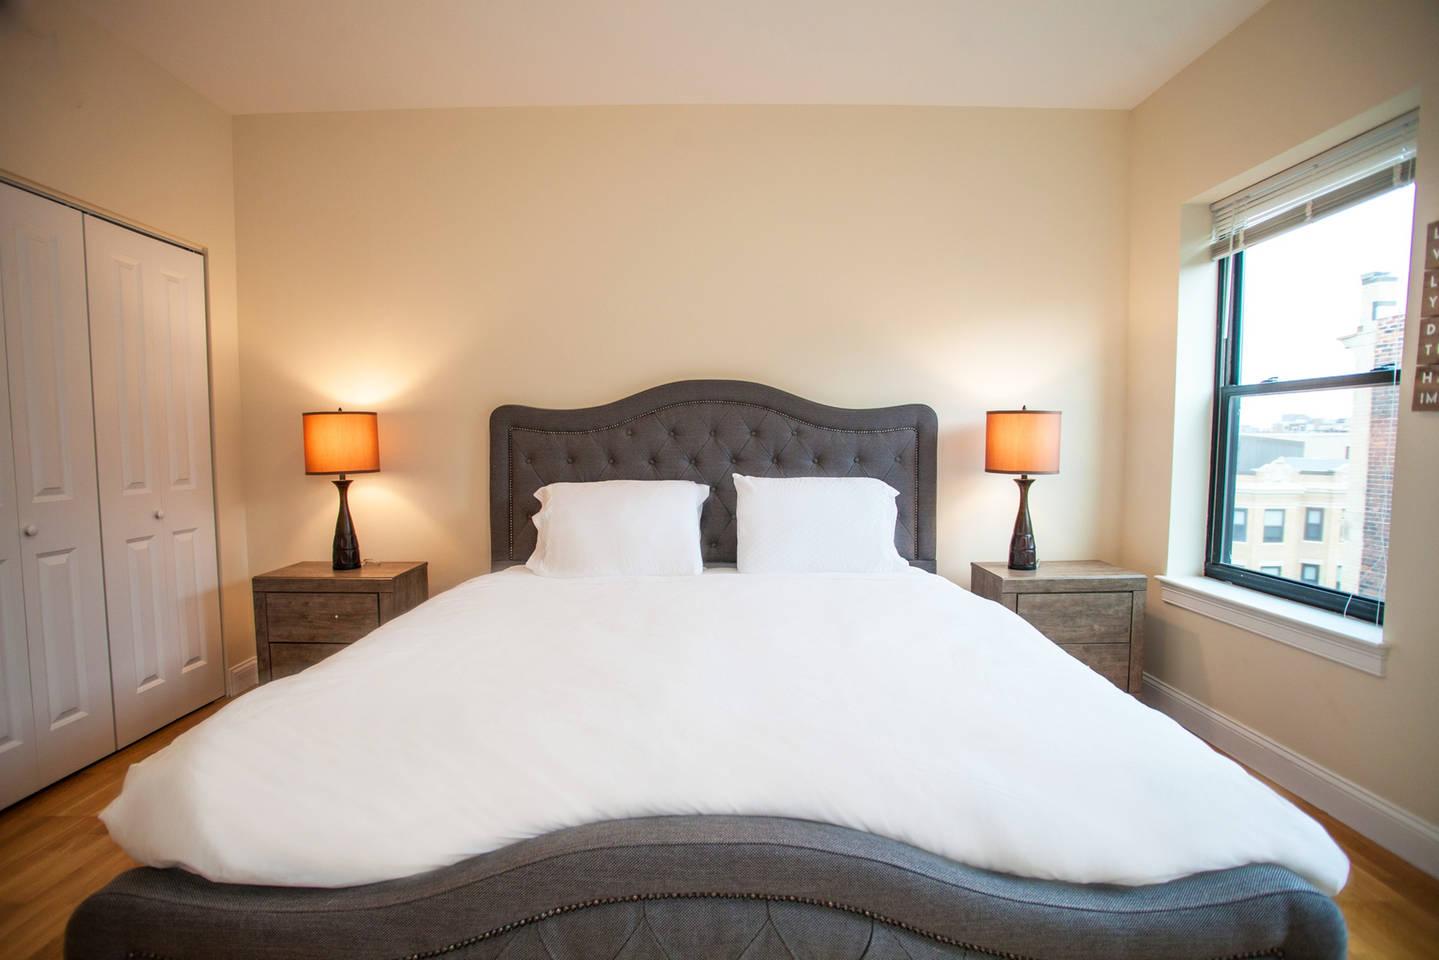 Apartment Luxe 4 bed 2 bathroom Condo   Back Bay   Fenway photo 25577258